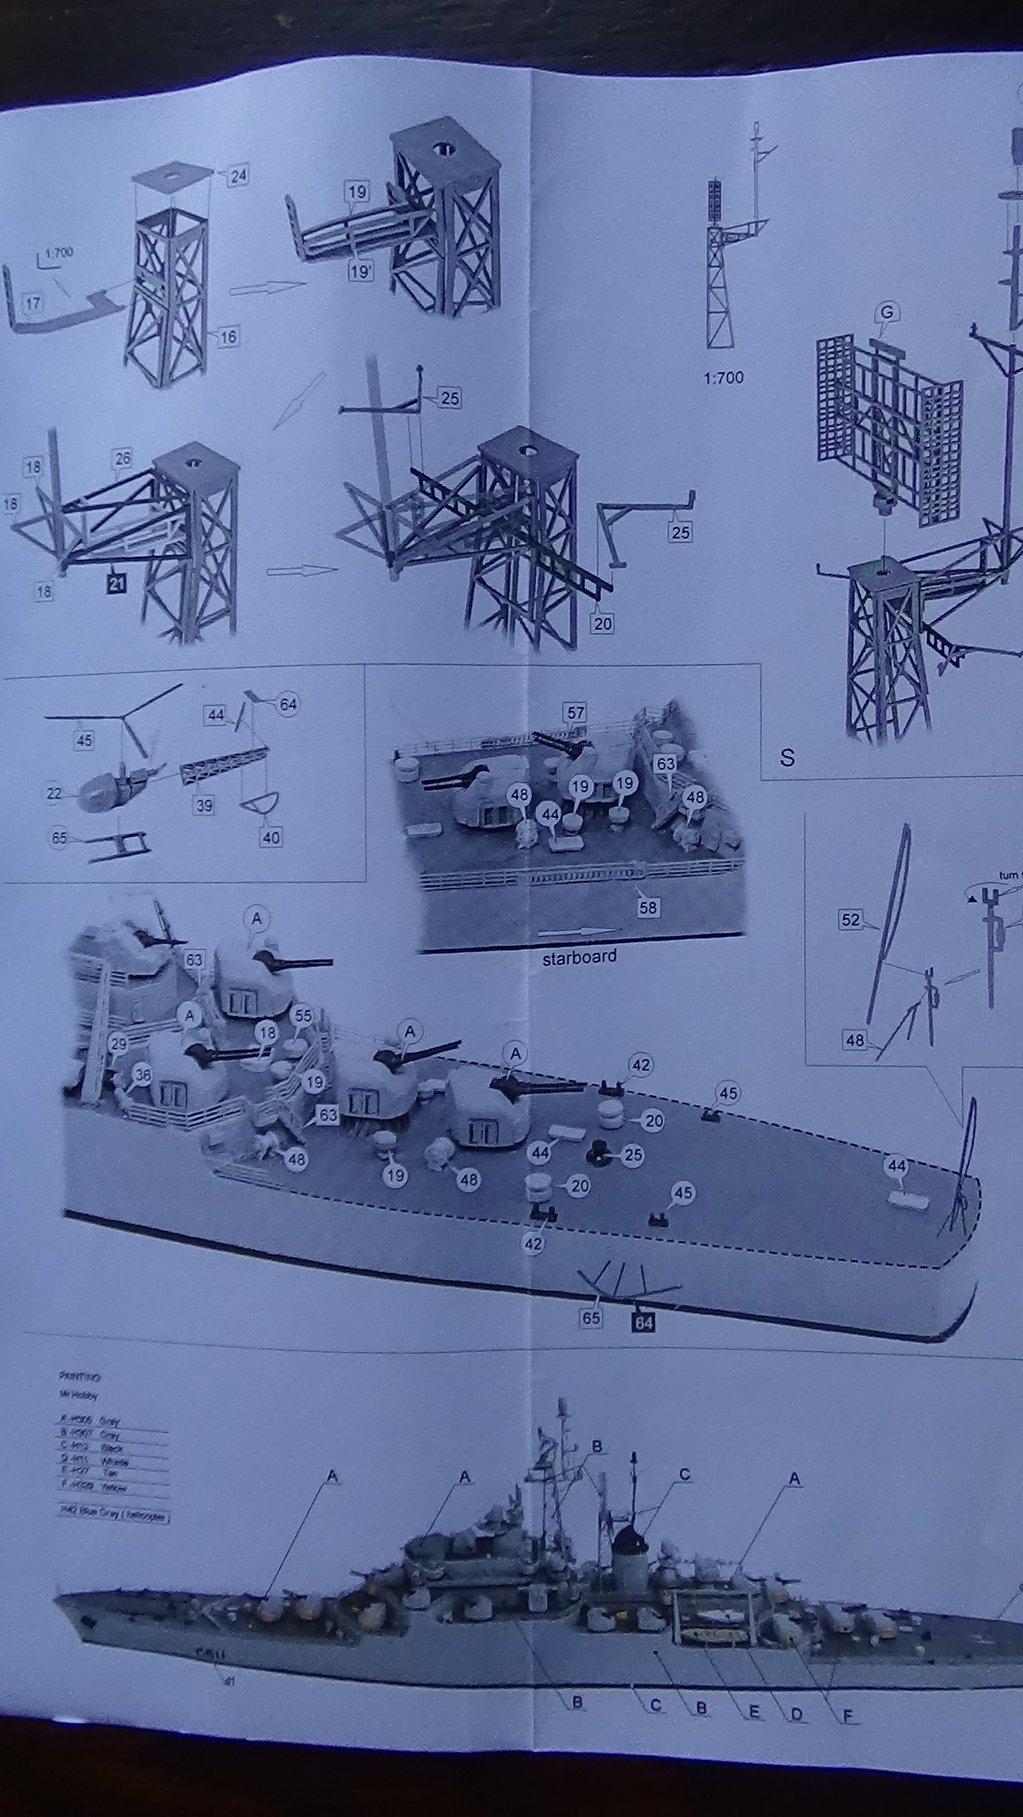 [Croiseur Colbert, 1964] 1/700e Niko Models-Ouverture de boite 18102412332923134915960135